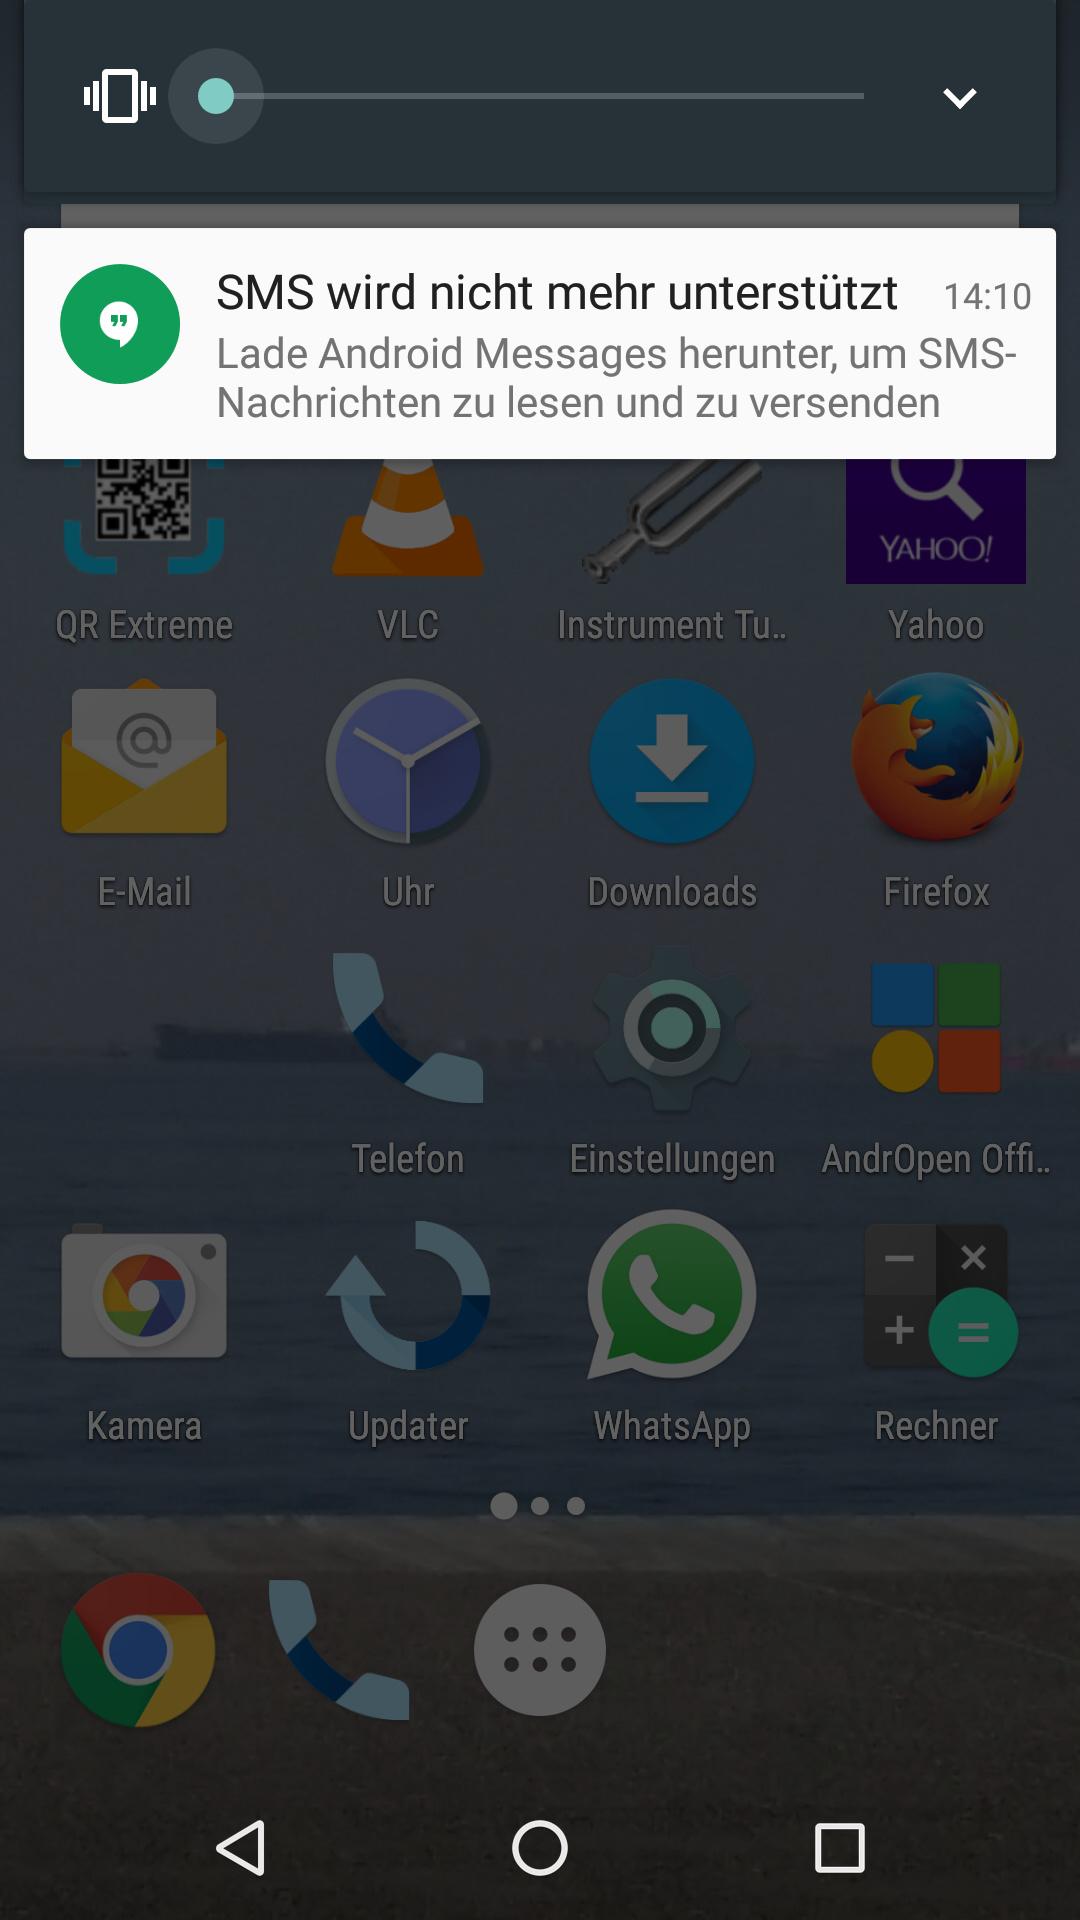 android update sms geht nicht mehr